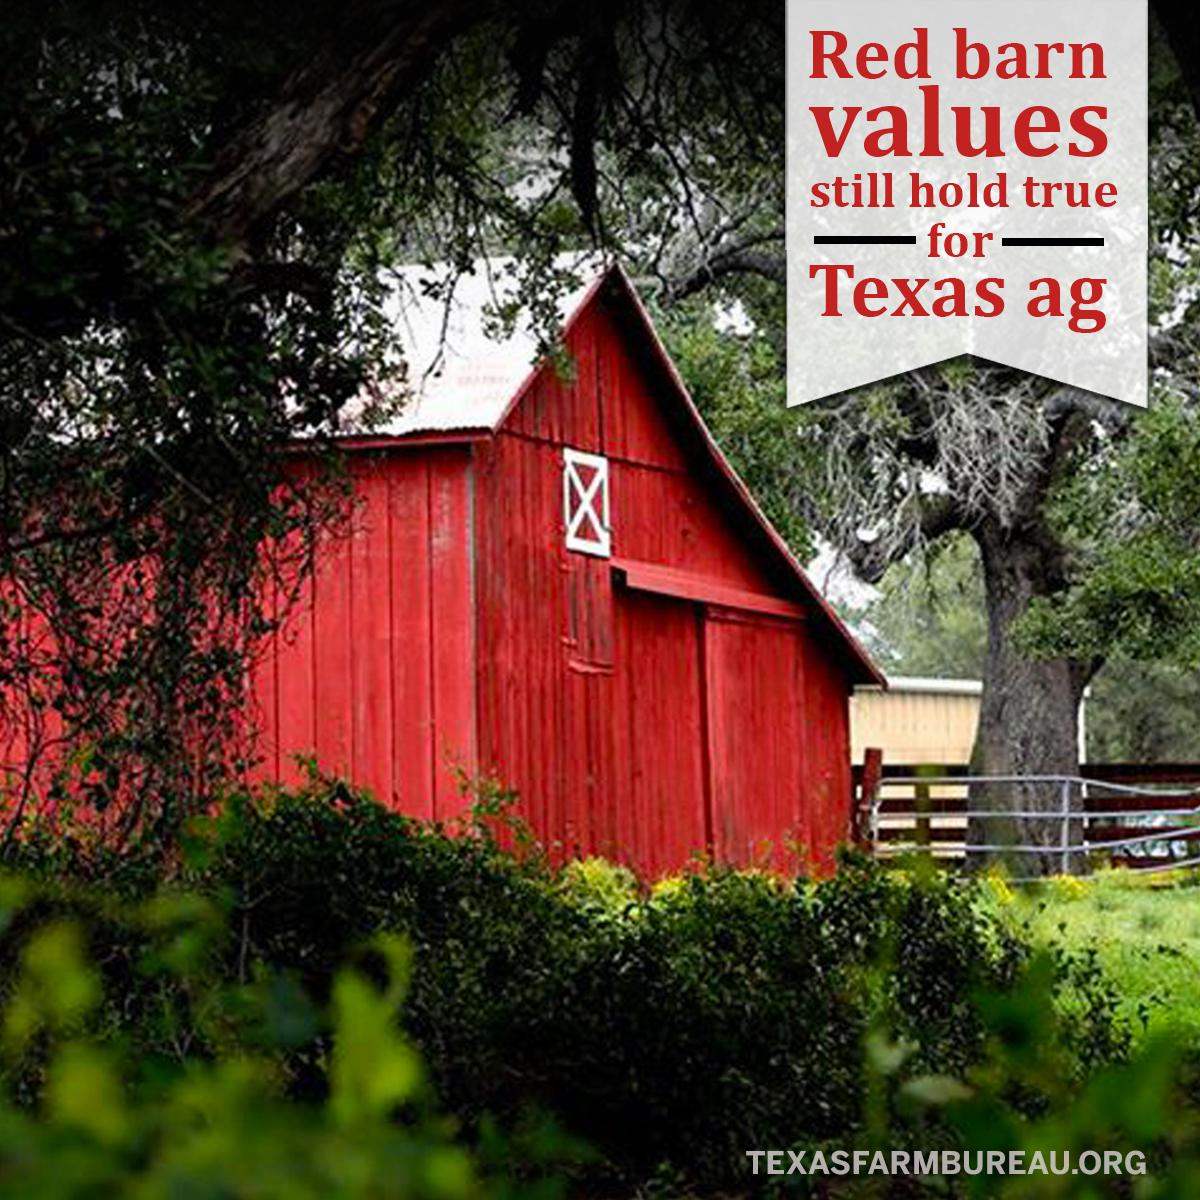 RedBarnValues_texasAg